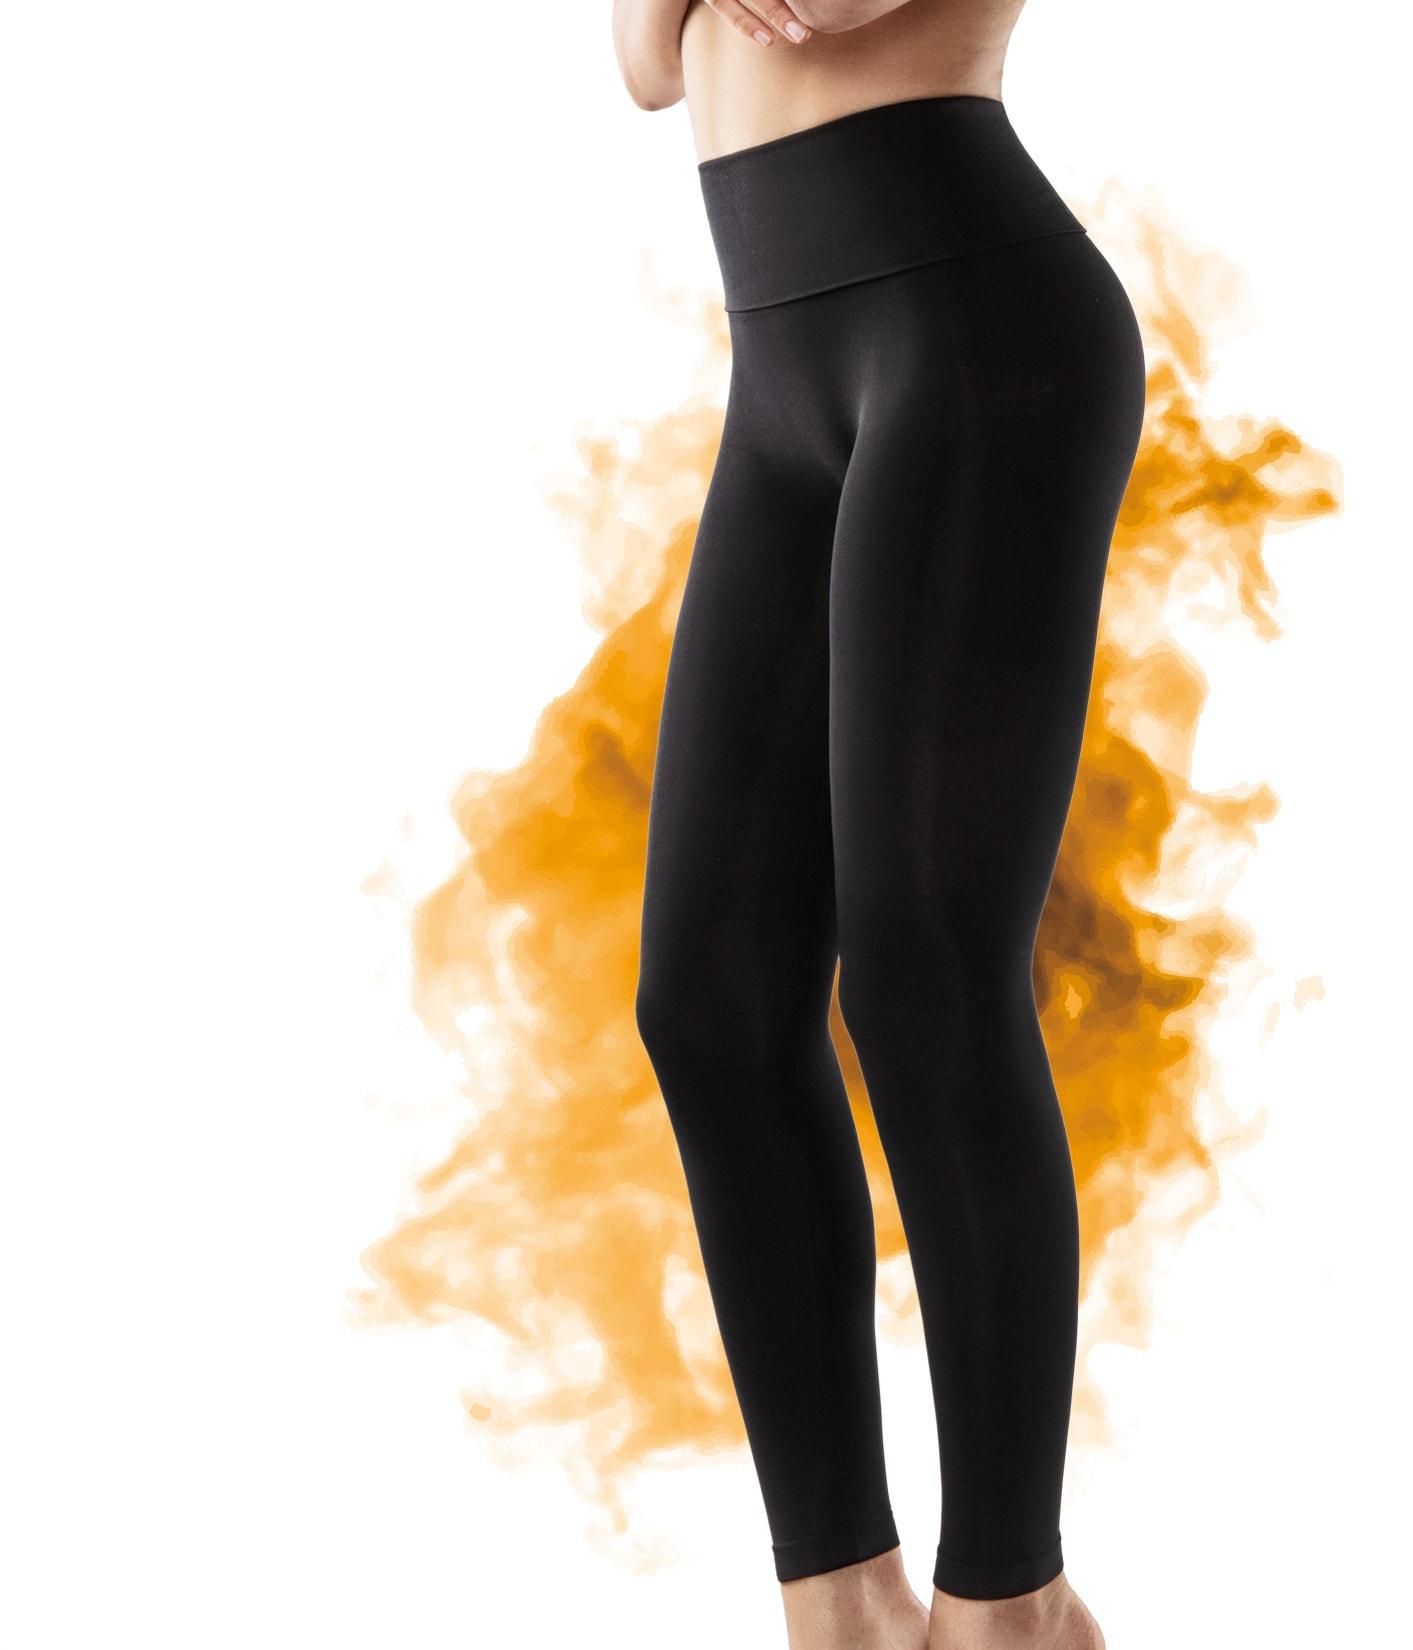 FarmaCell Legíny proti celulitidě a pro hubnutí pomocí FIR efektu Barva: Černá, Velikost: S